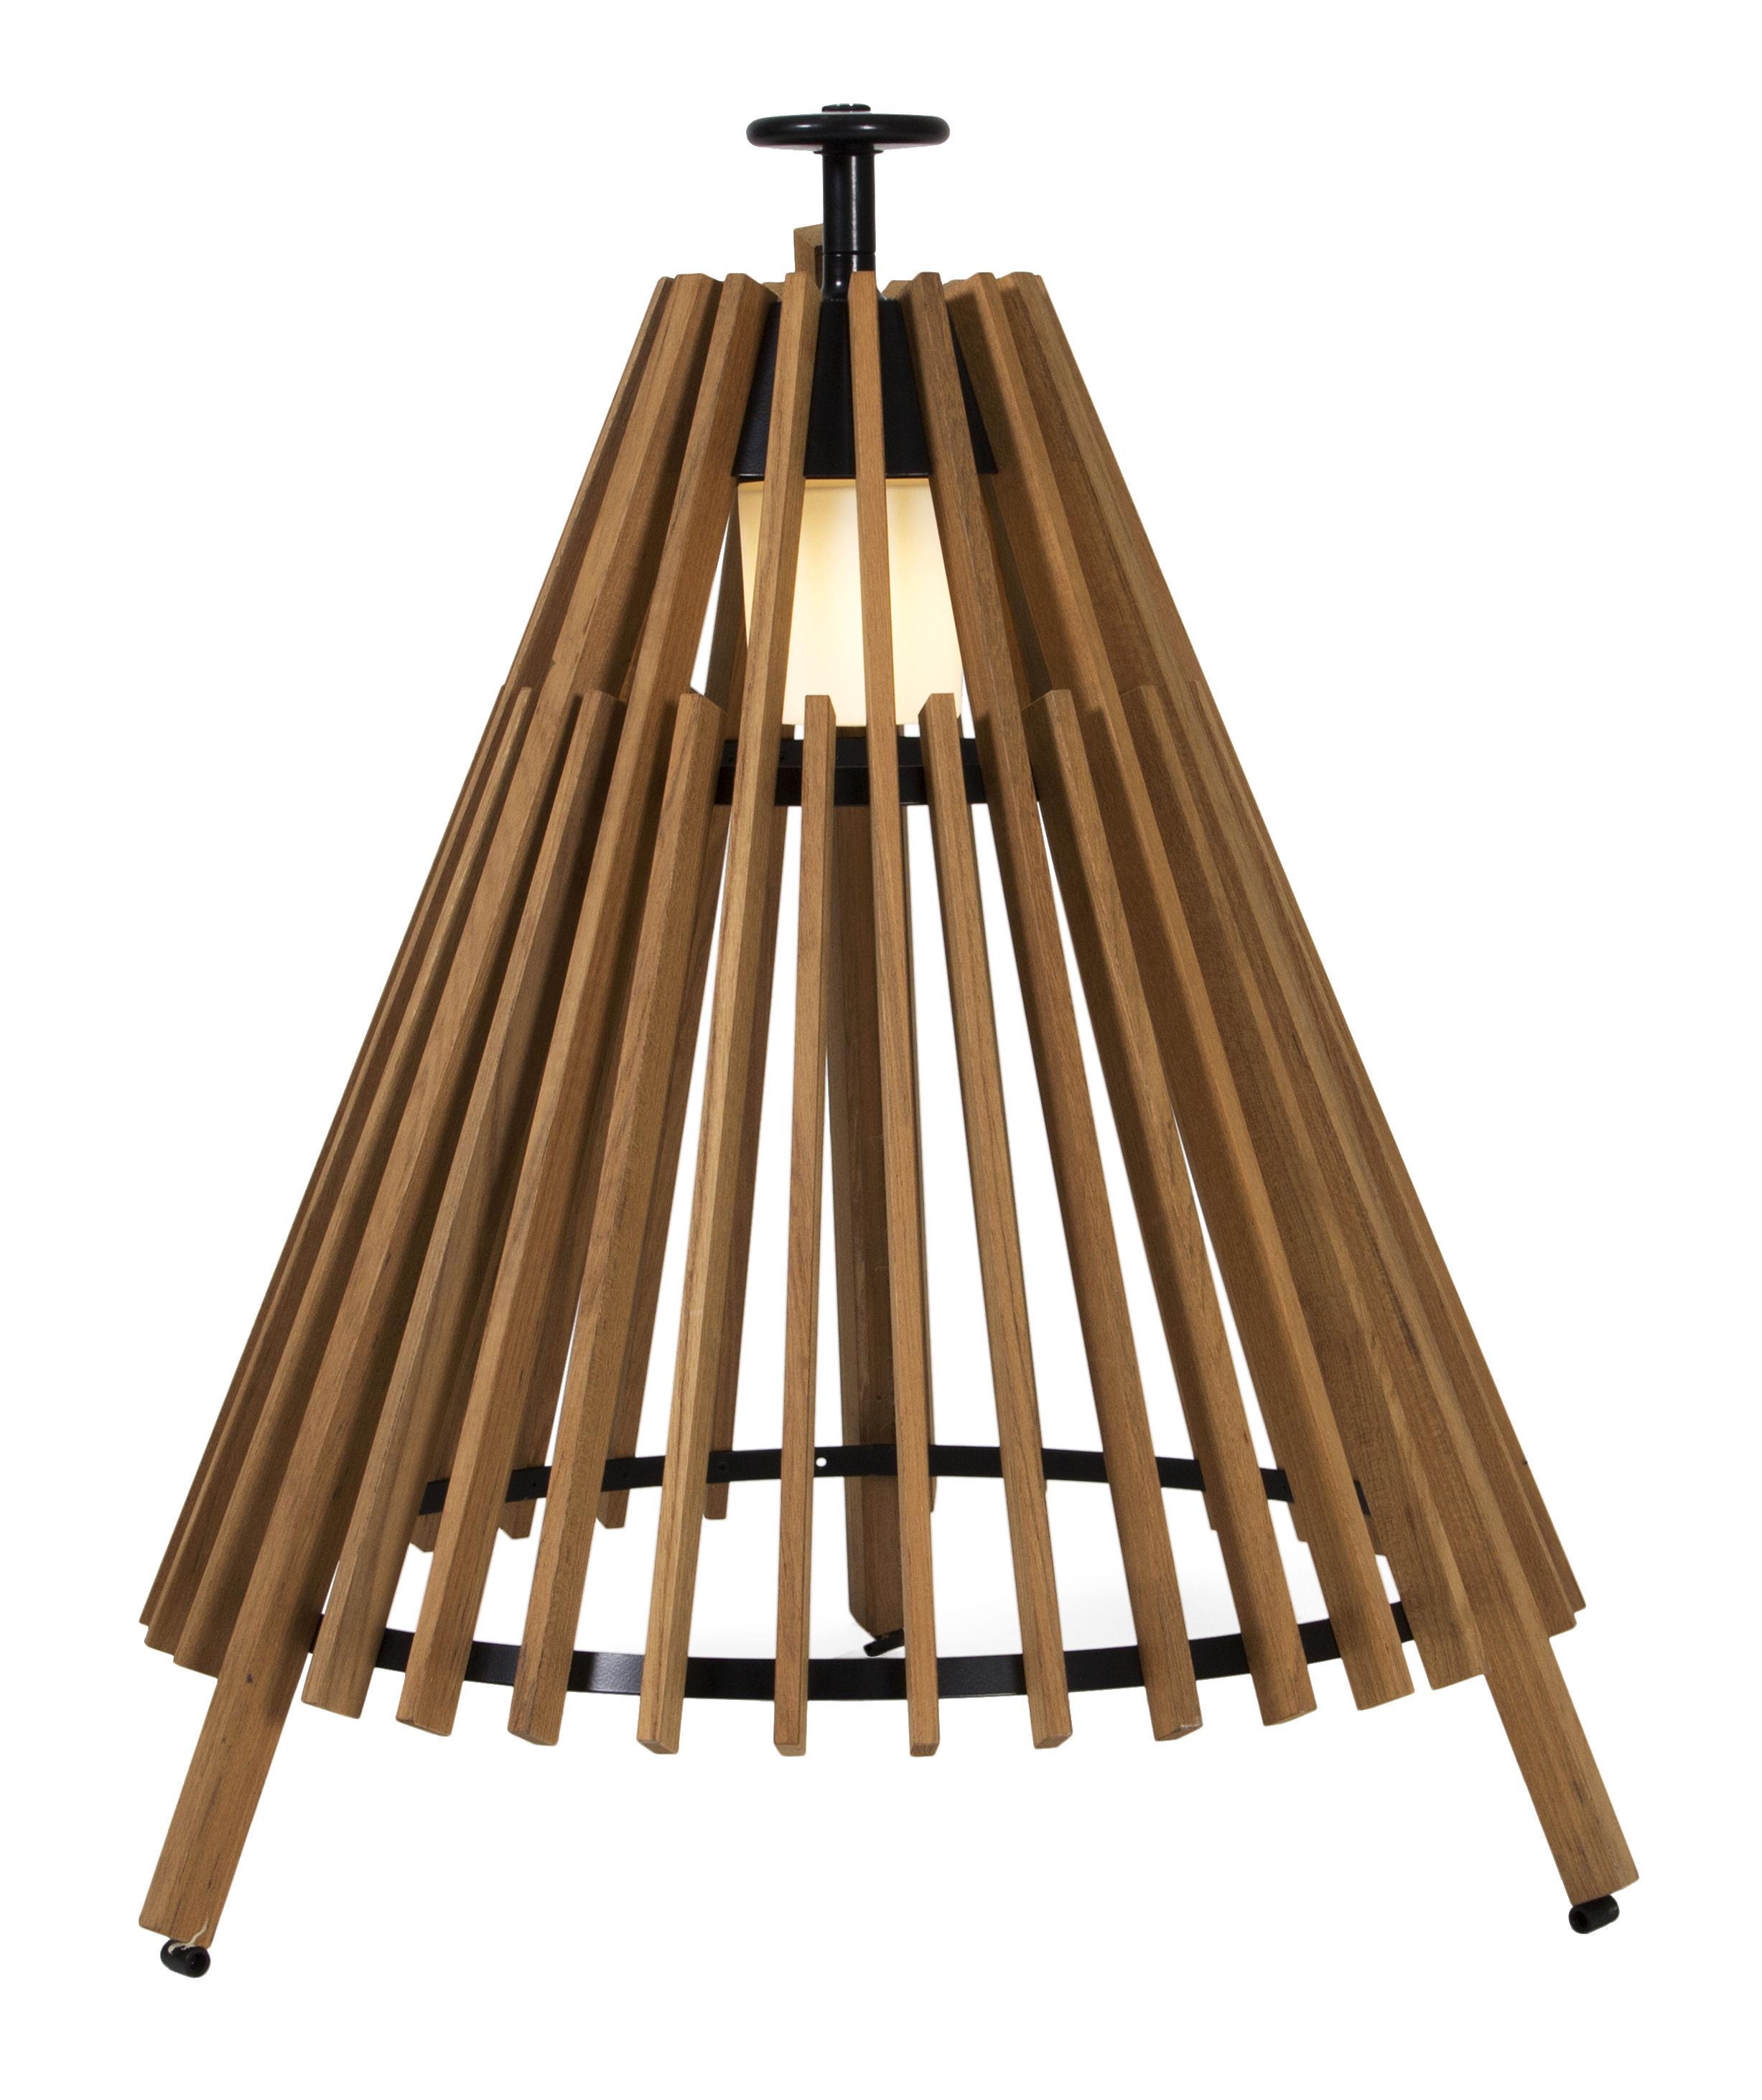 lampe poser tipi l led h 95 cm bois teck noir skargaarden made in design. Black Bedroom Furniture Sets. Home Design Ideas